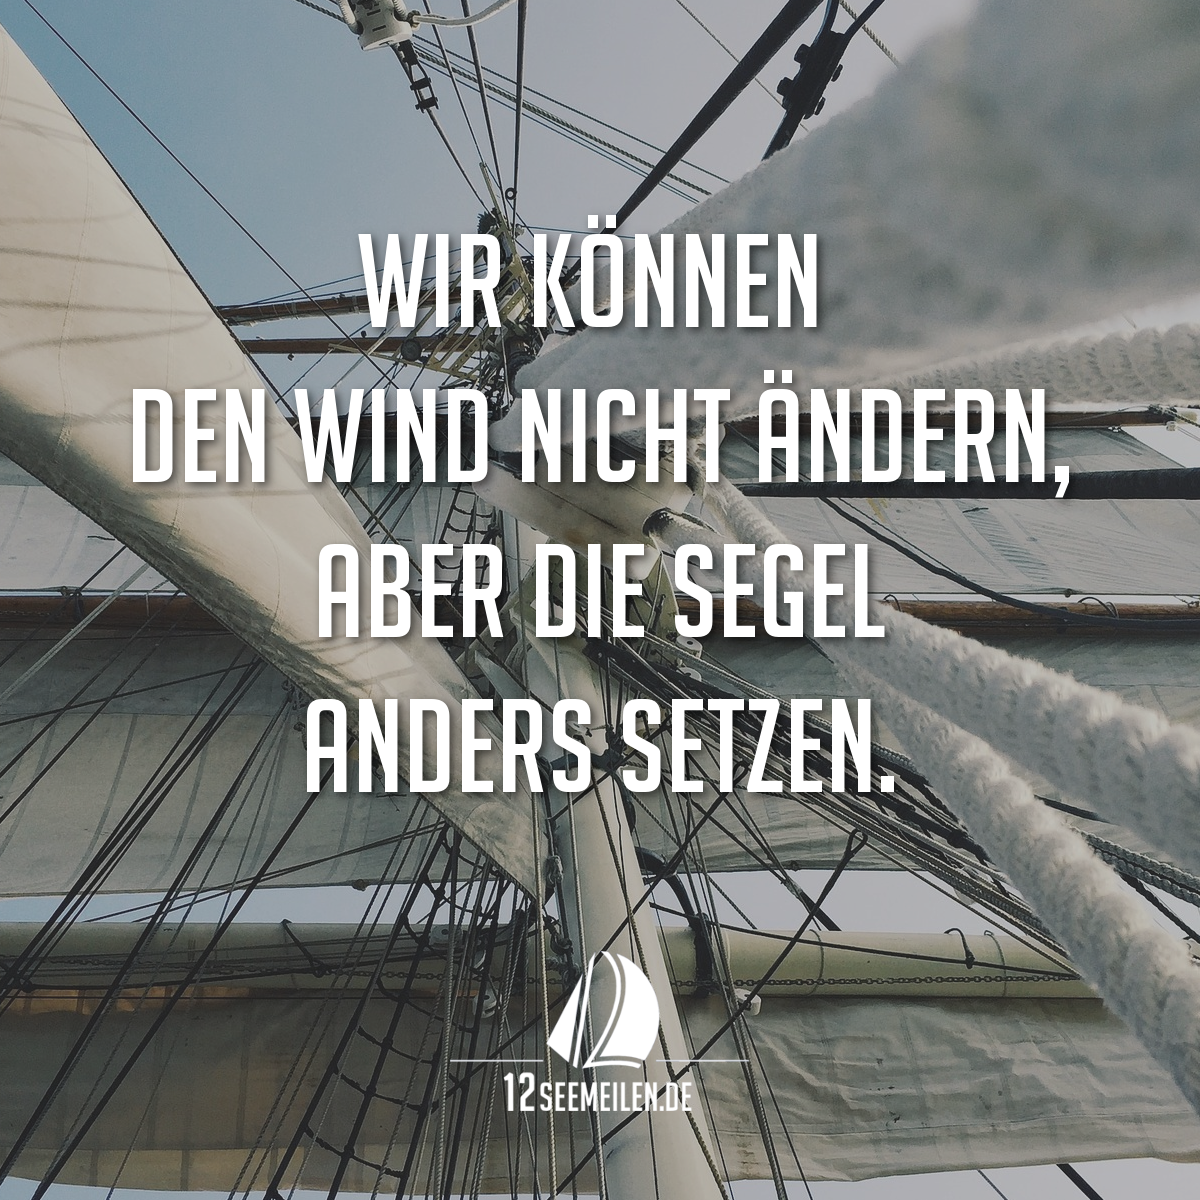 Wir Konnen Den Wind Nicht Andern Aber Segel Anders Setzen Zitat Spruch Segeln